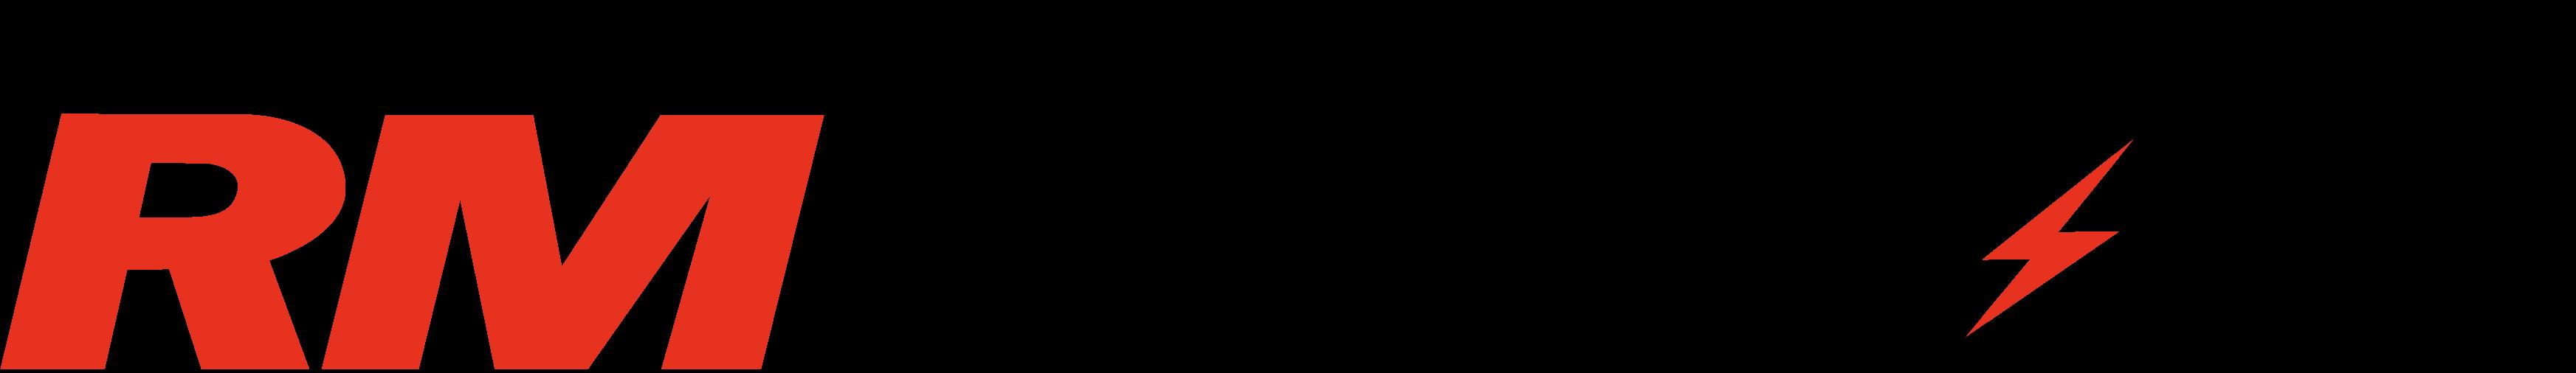 Rmstator   (9154-3157 québec inc.)